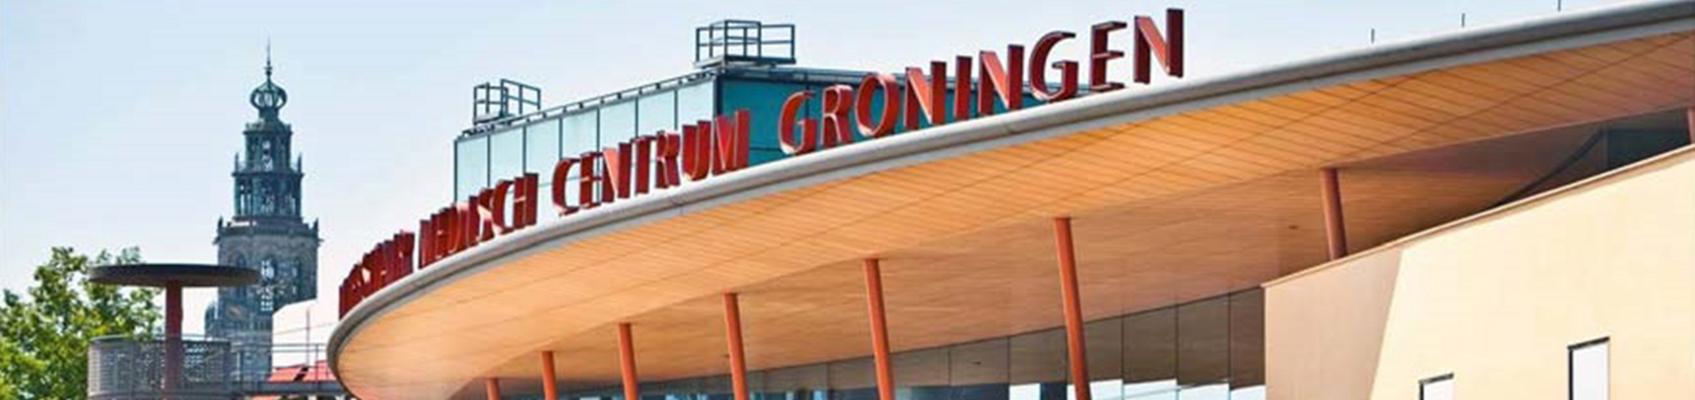 355ste Wetenschappelijke vergadering van de Nederlandse Vereniging voor Dermatologie en Venereologie